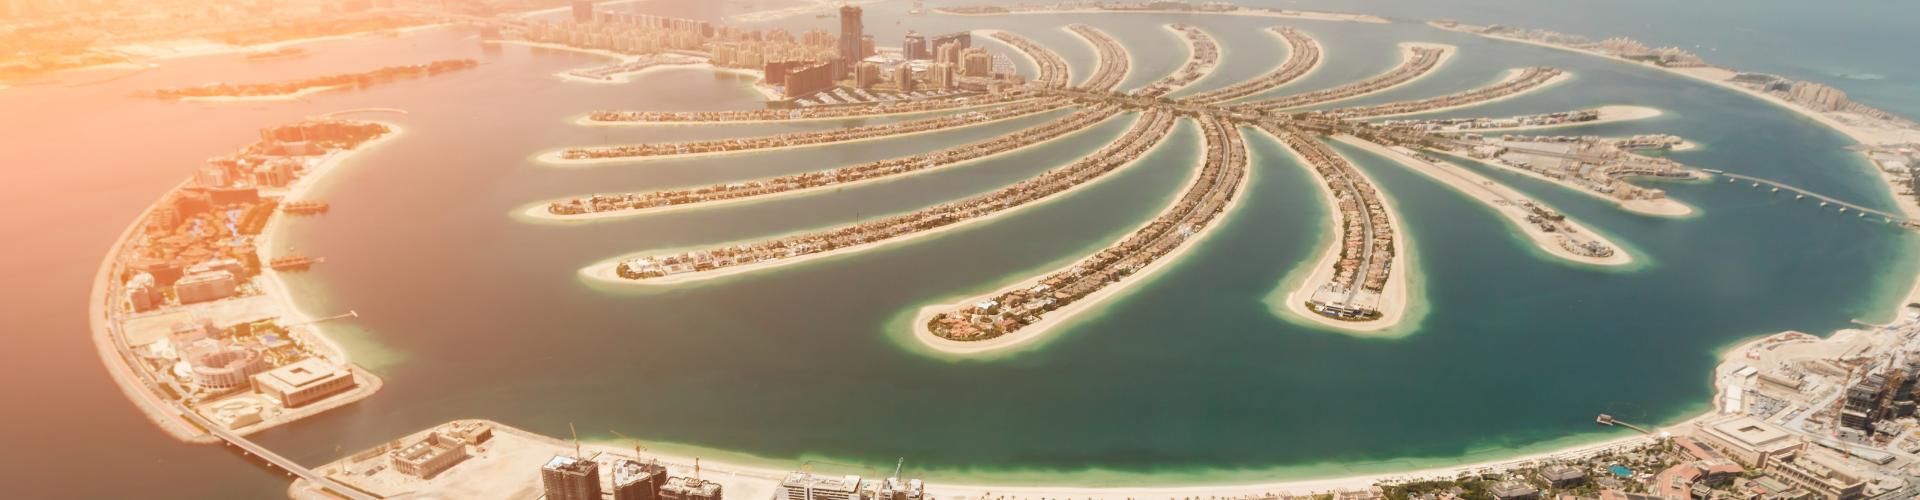 Dubai - Investieren Sie in die Zukunft